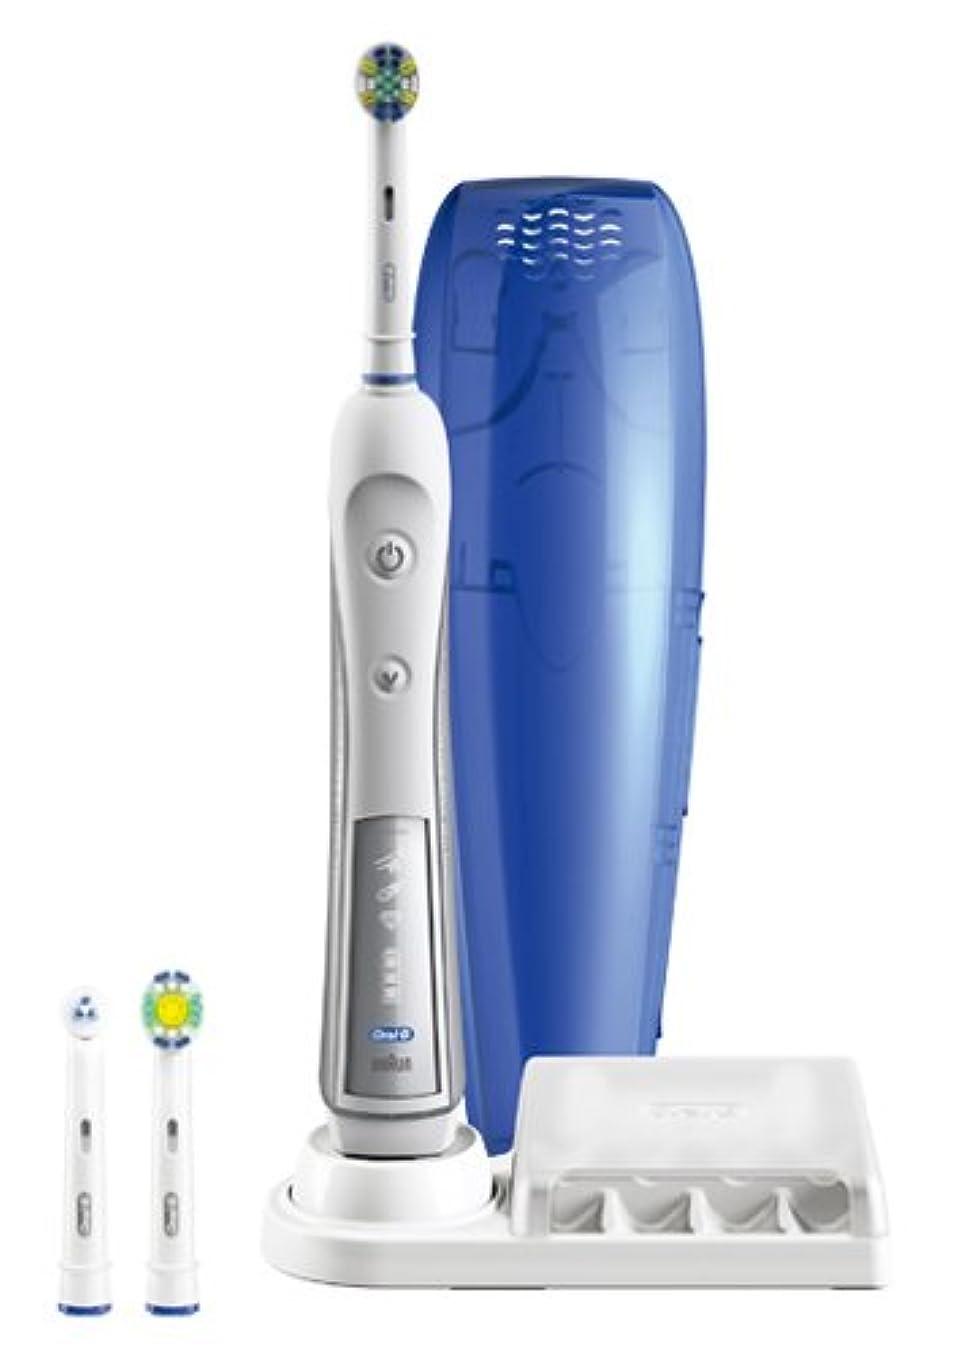 ハウジングなだめるプリーツブラウン オーラルB 電動歯ブラシ デンタプライド4000 D295354X